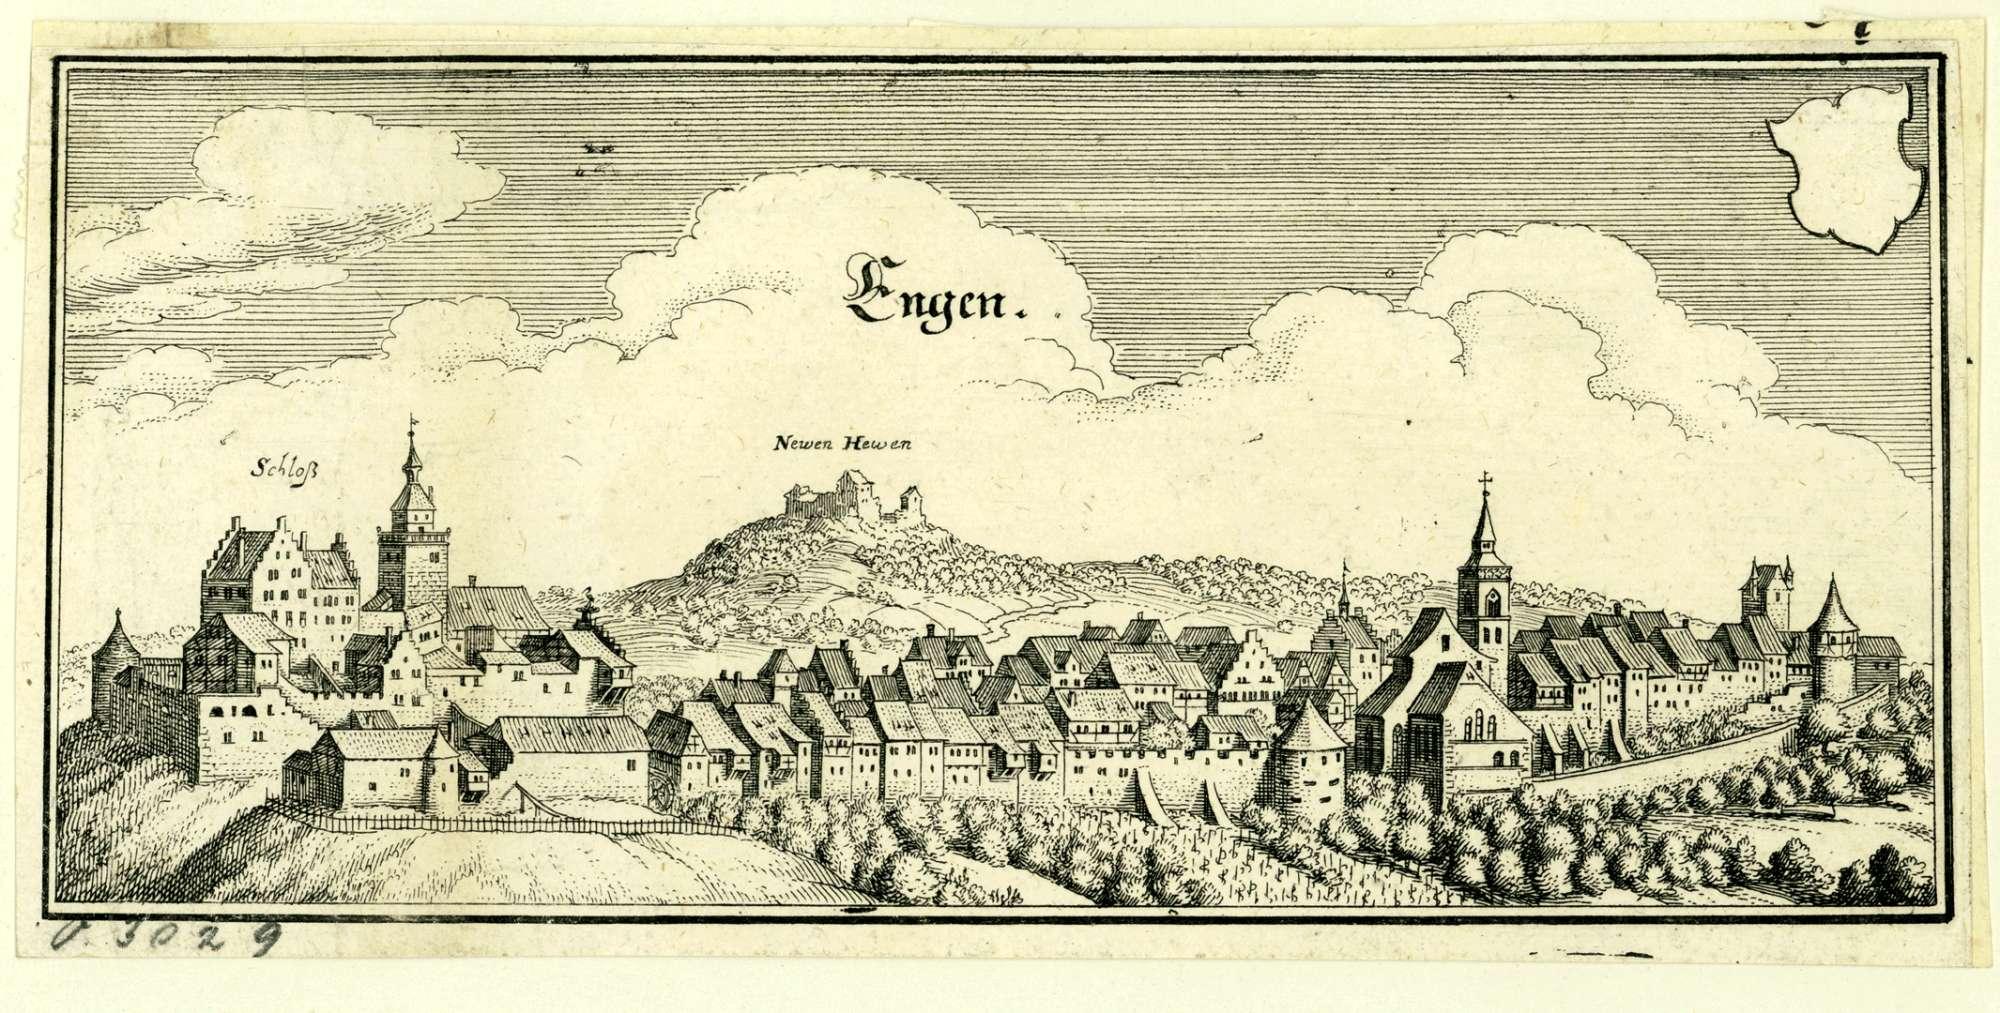 Engen mit Schloss Newen Hewen, Bild 1